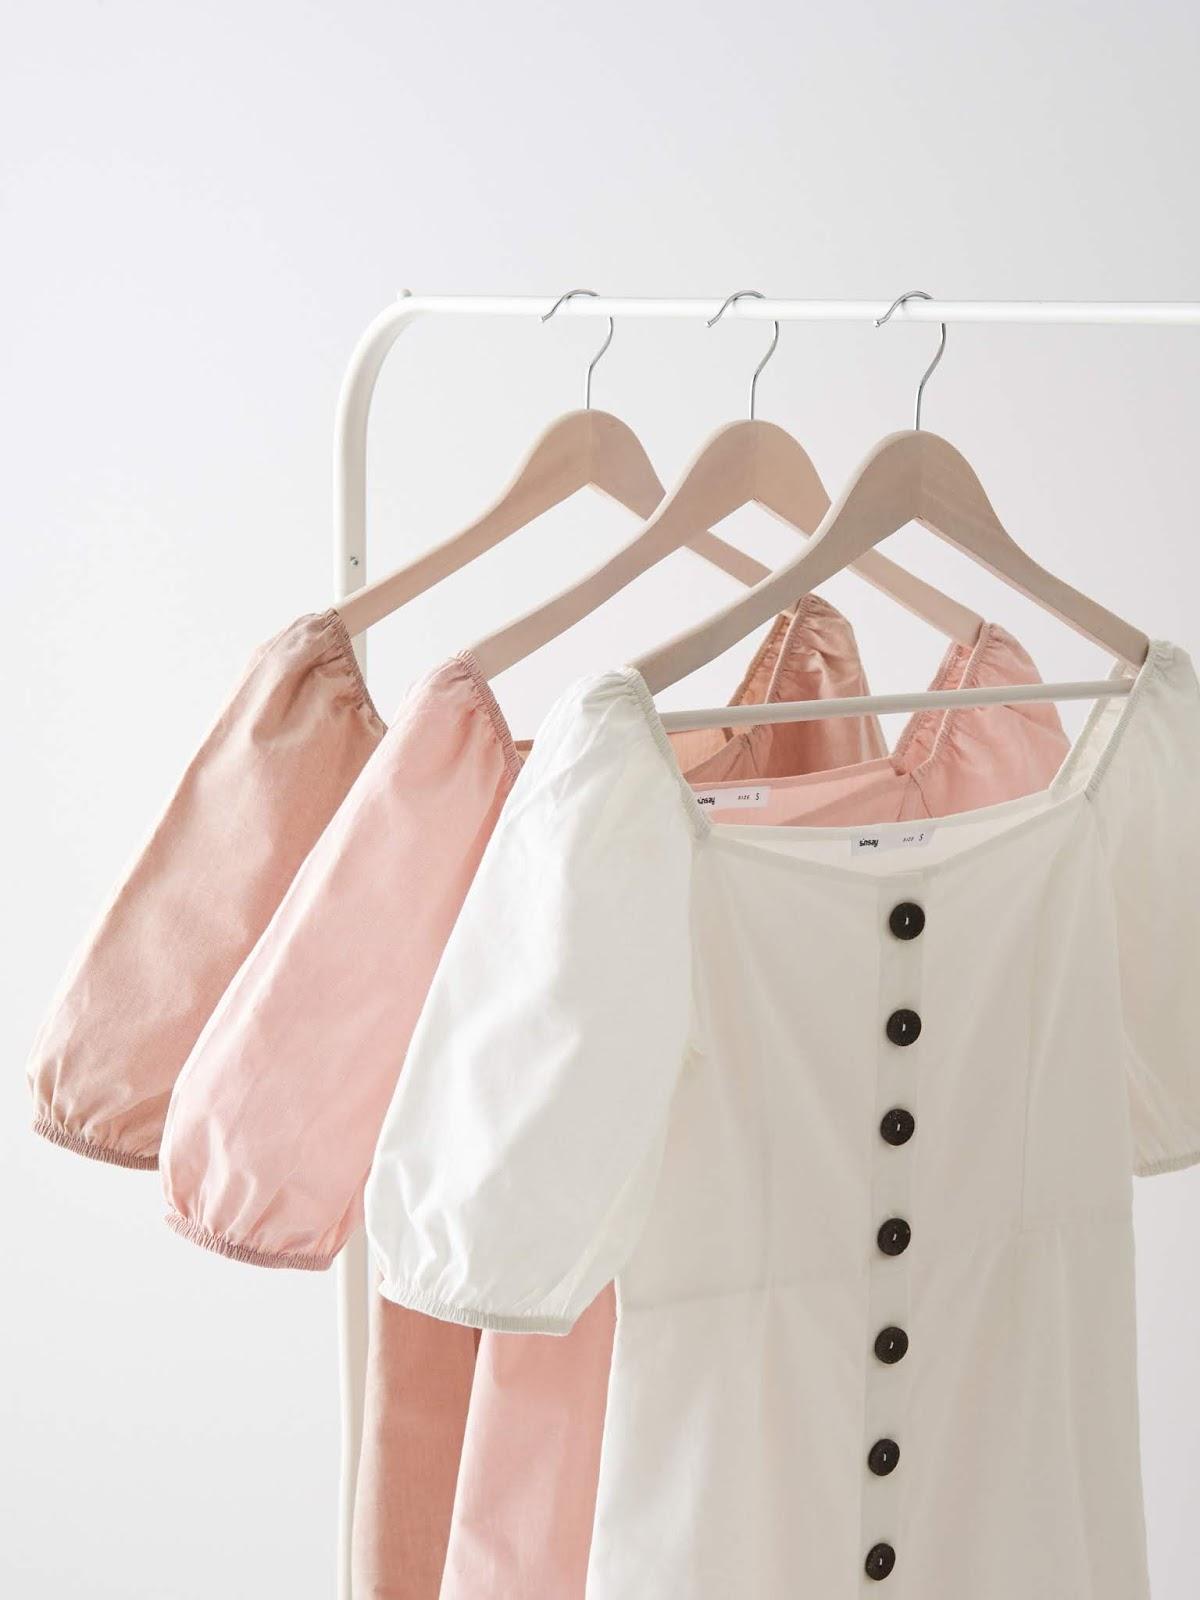 Modne sukienki za niską cenę? Przegląd wiosennych sukienek - SINSAY